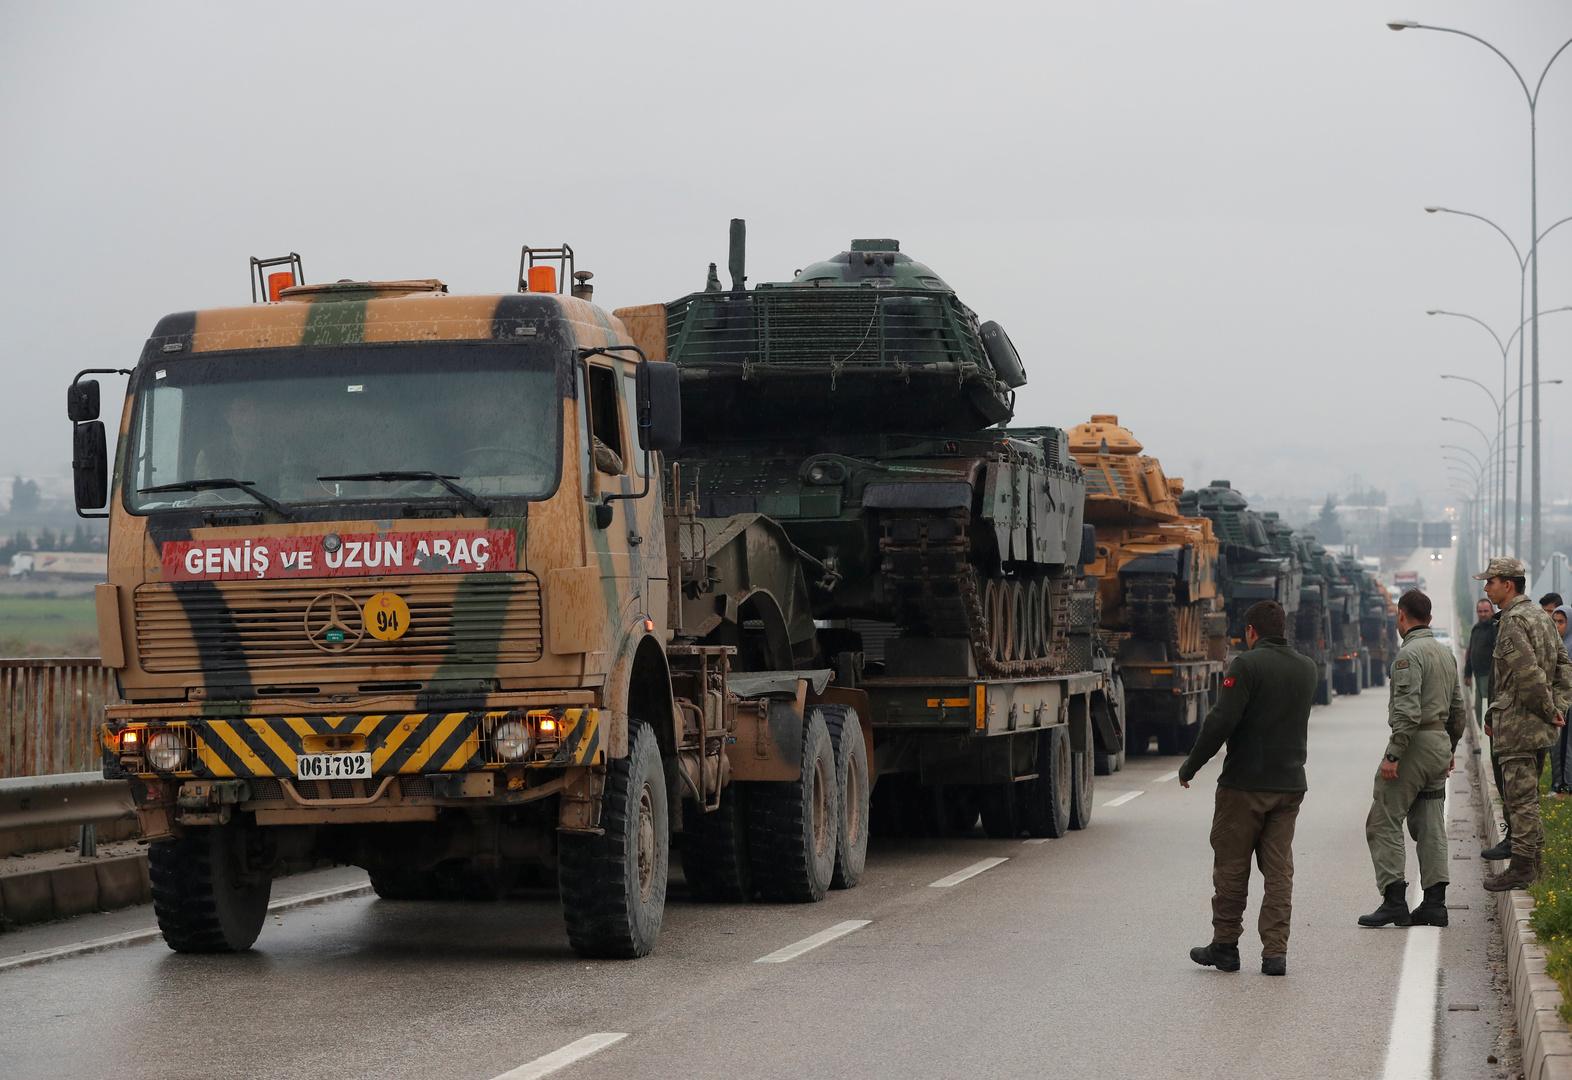 آليات عسكرية تركية في هطاي- أرشيف